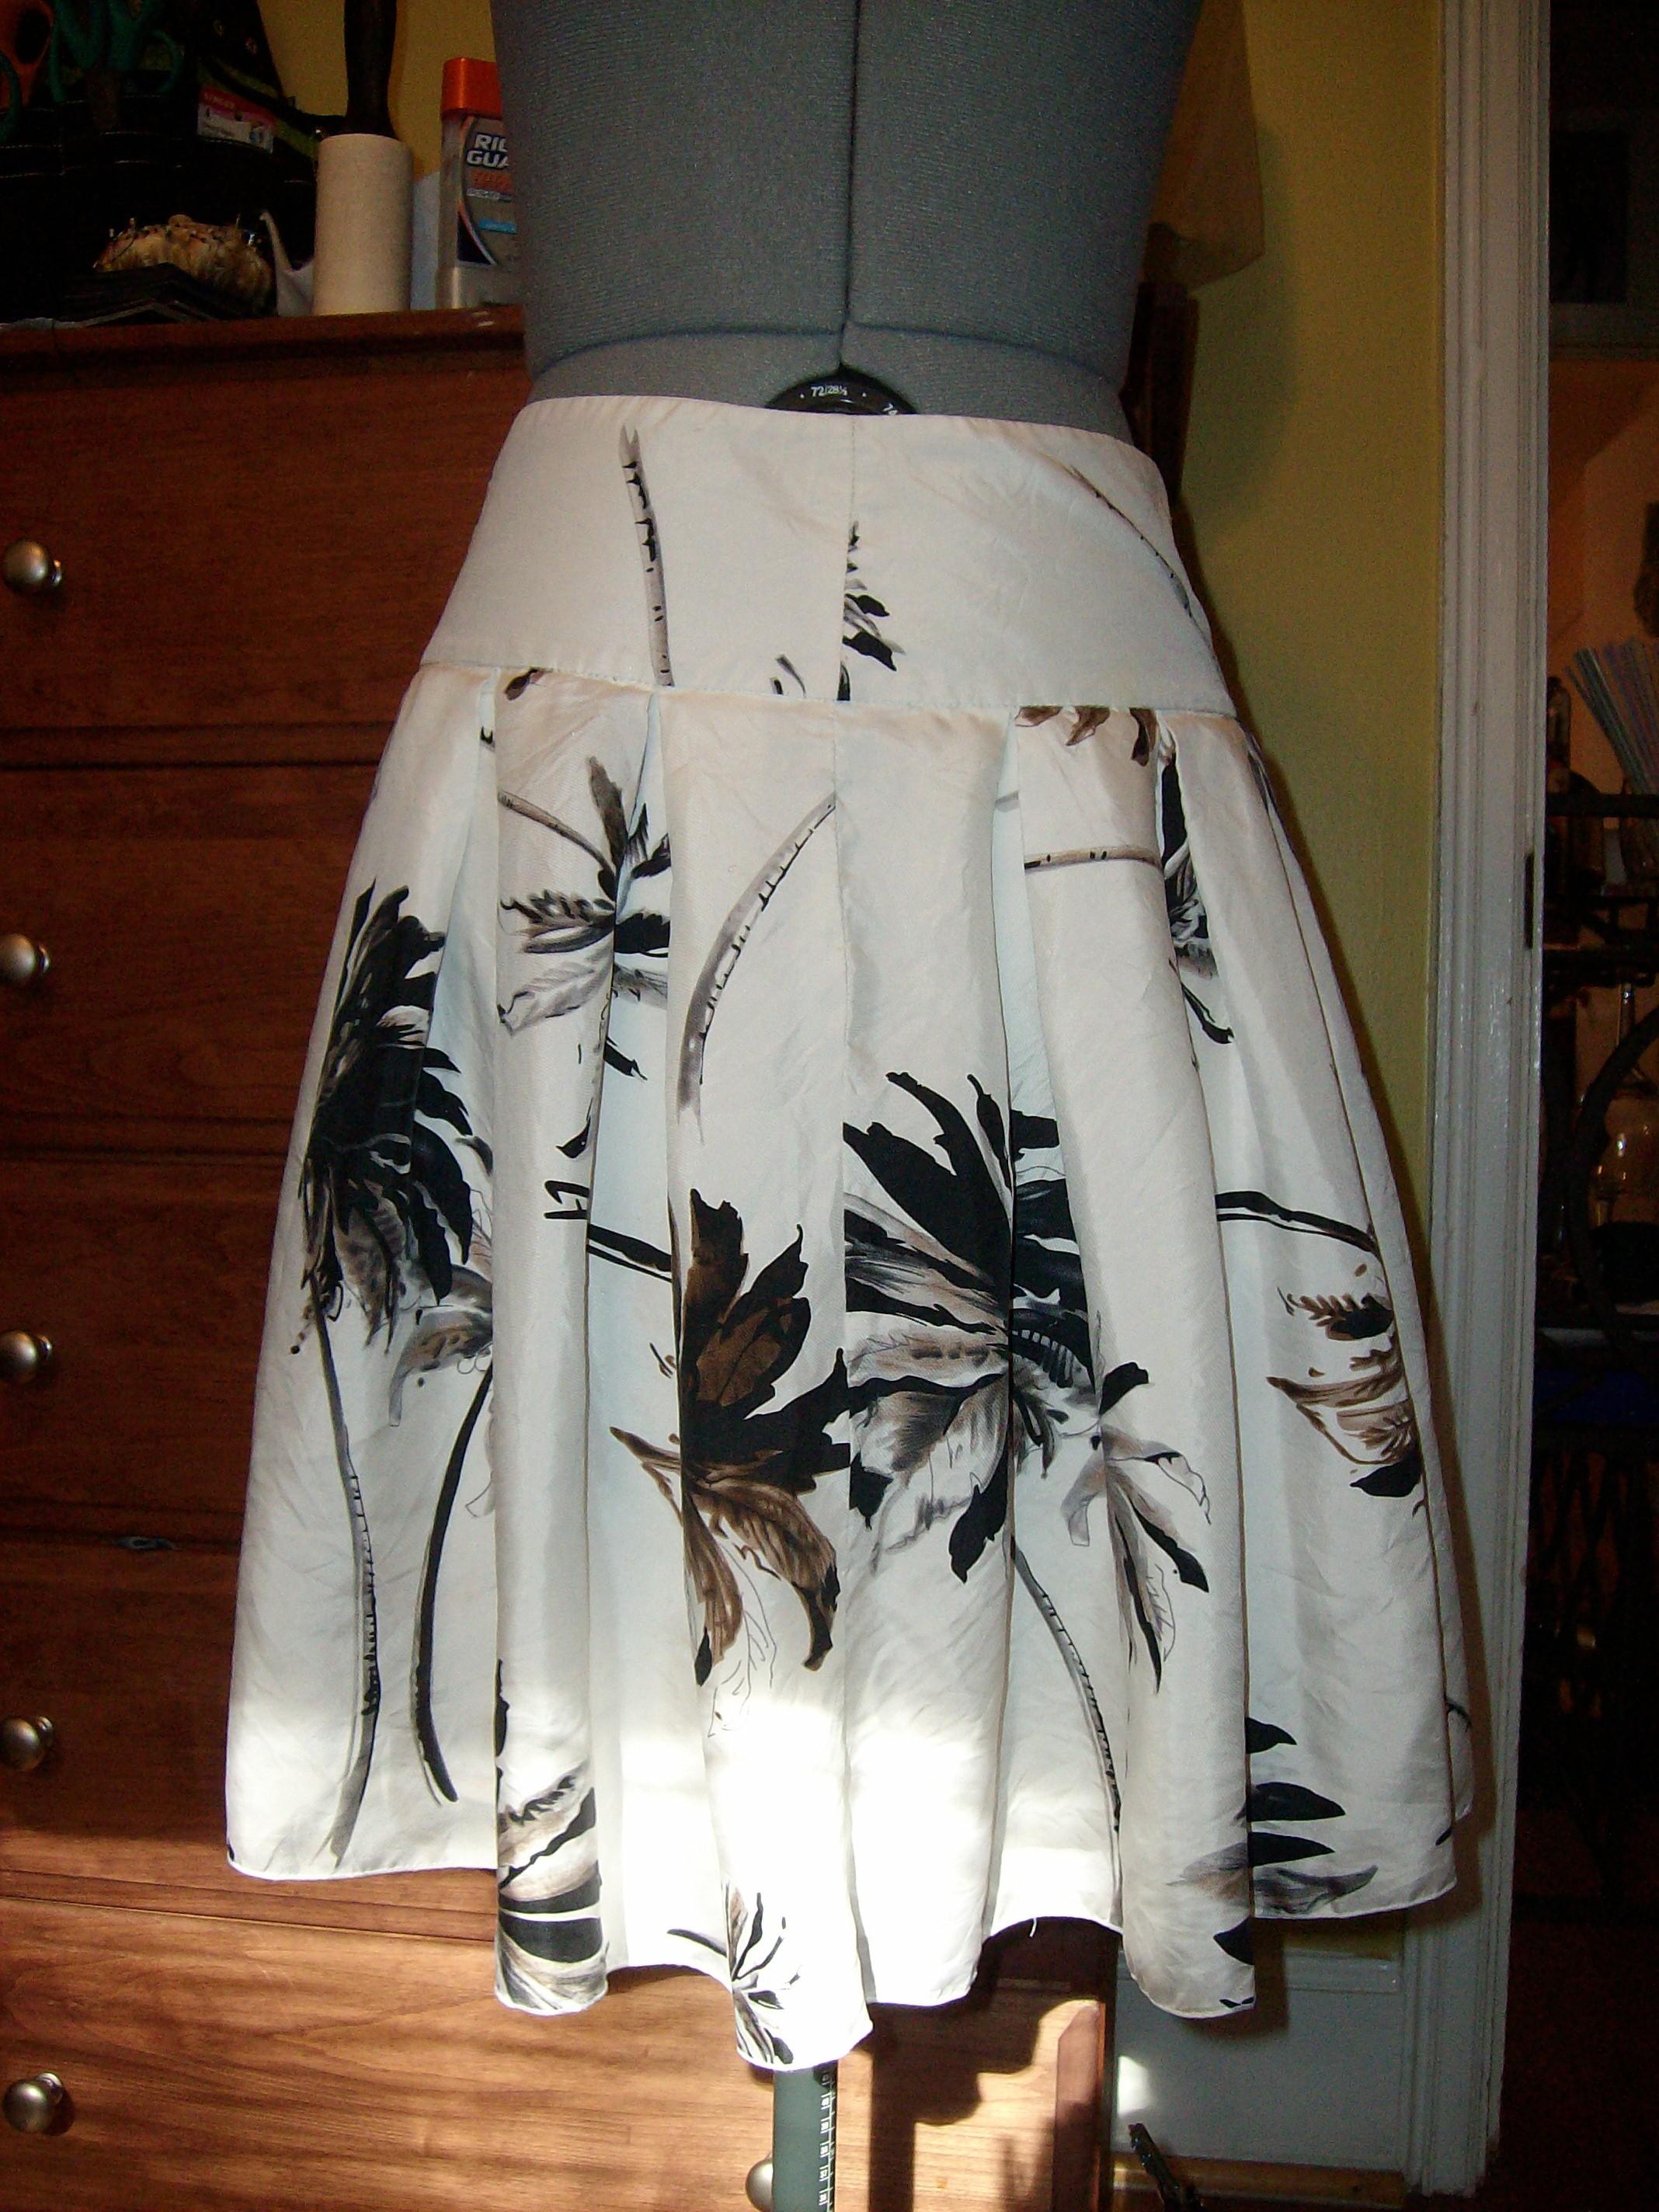 Skirt is Shirt 2